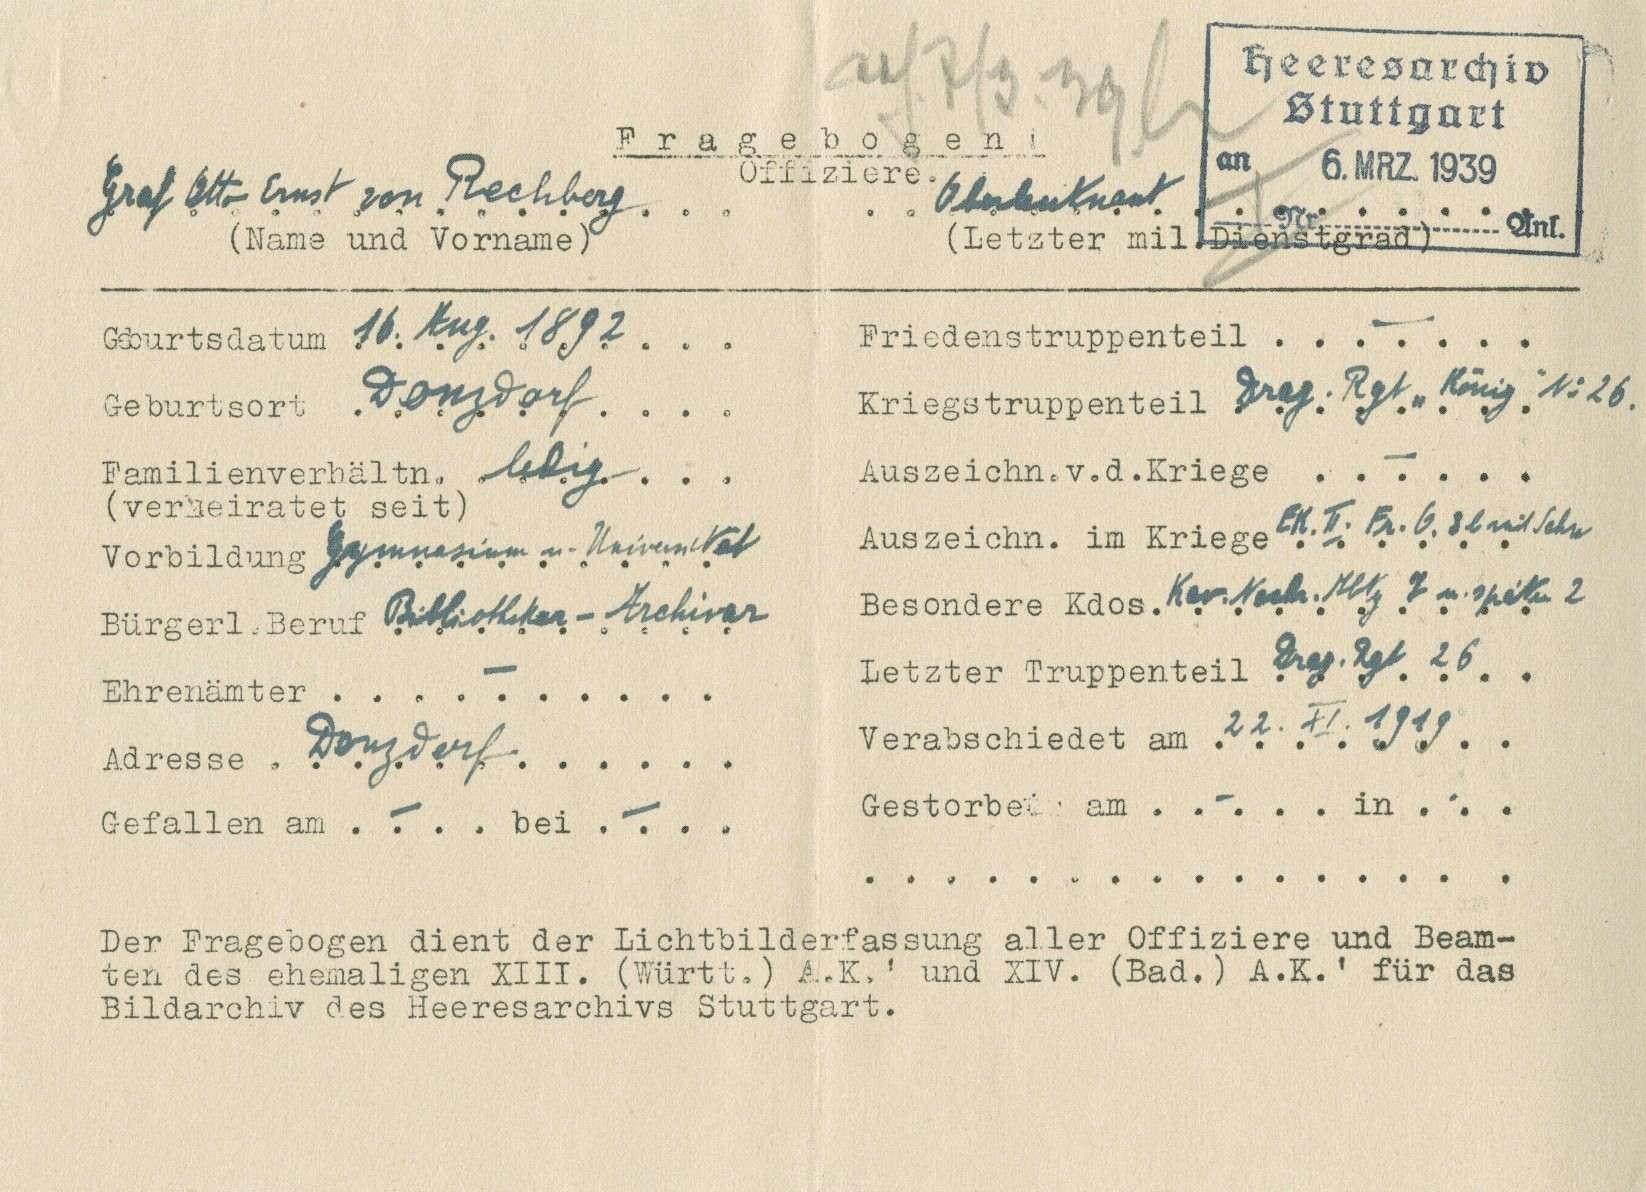 Rechberg, Otto Ernst von, Graf, Bild 2